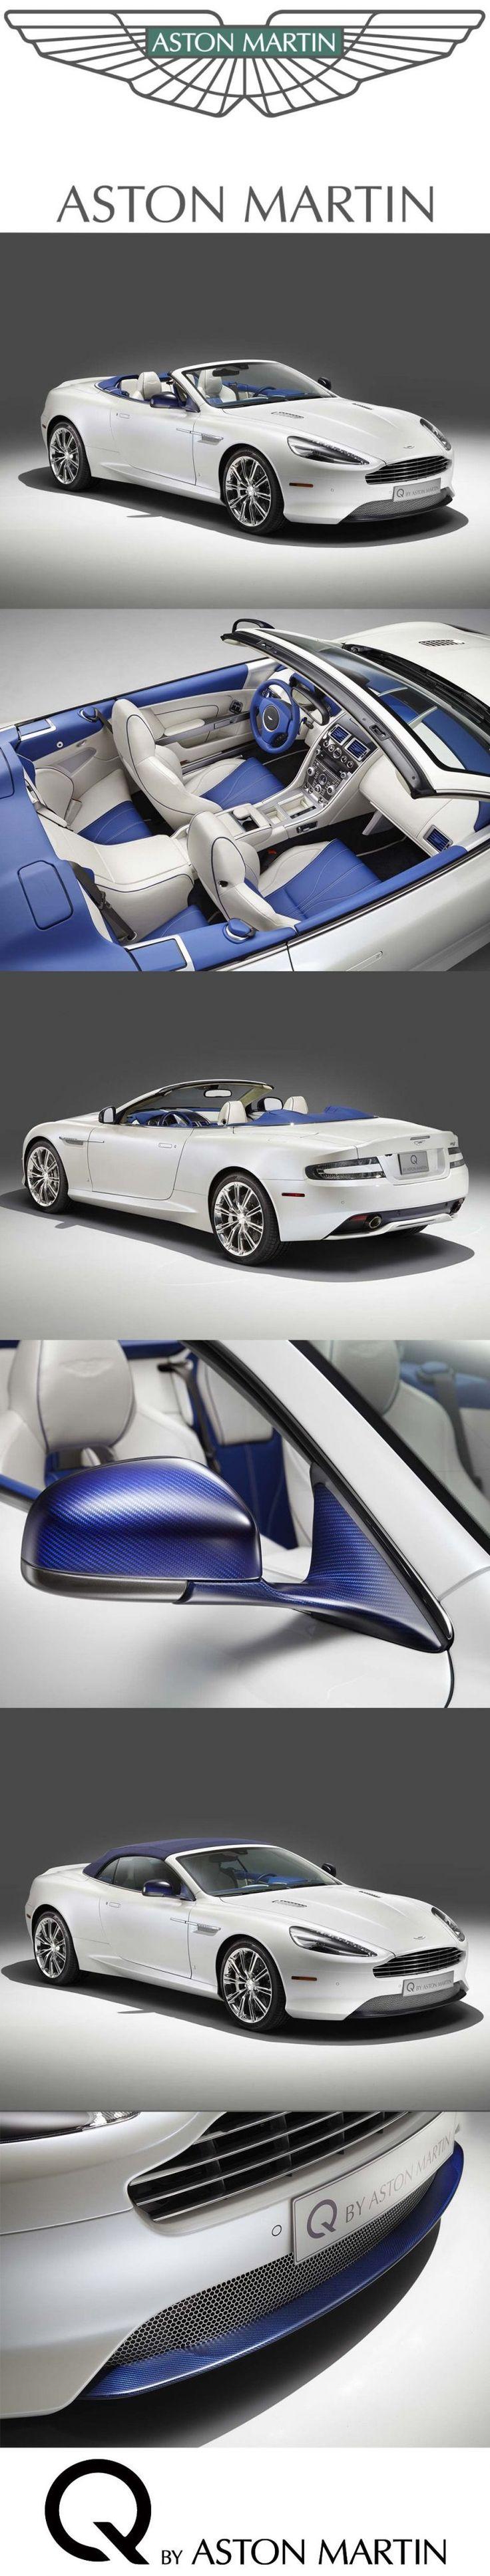 Luxury car dealers best photos